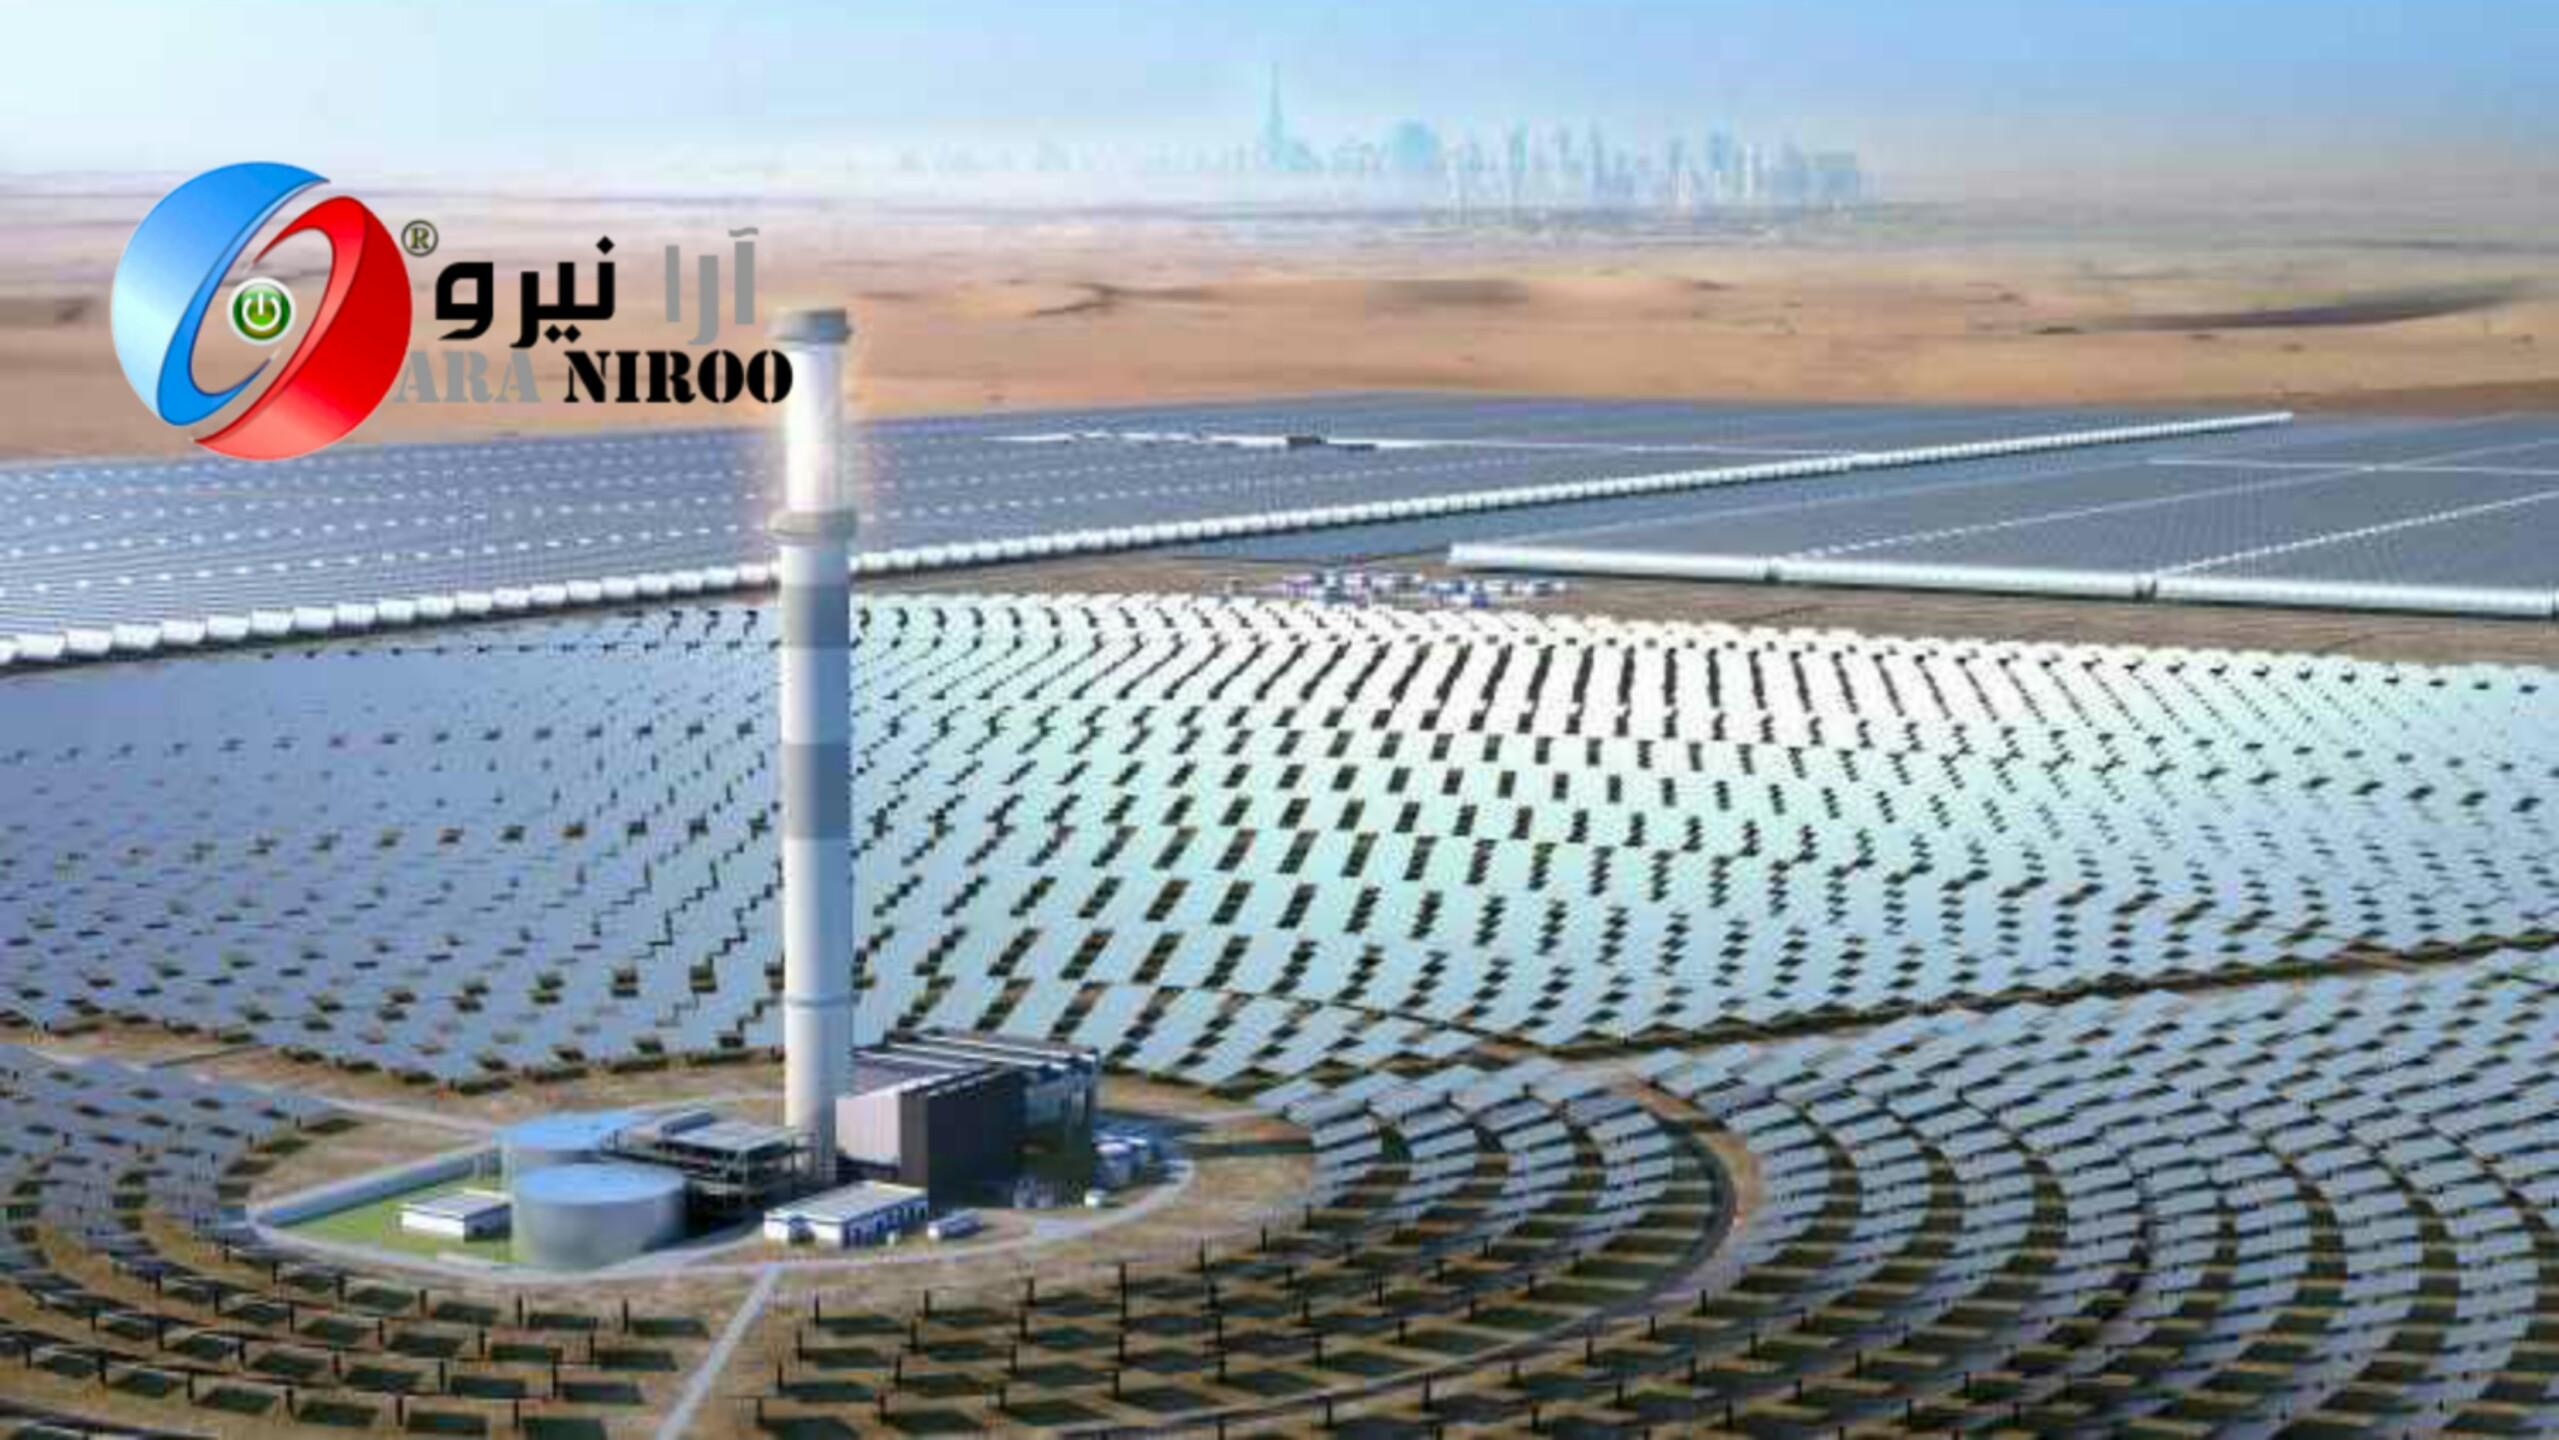 نیروگاه خورشیدی ۱۳٫۶ میلیارد دلاری در بیابانهای دبی 1 - نیروگاه خورشیدی در بیابانهای دبی